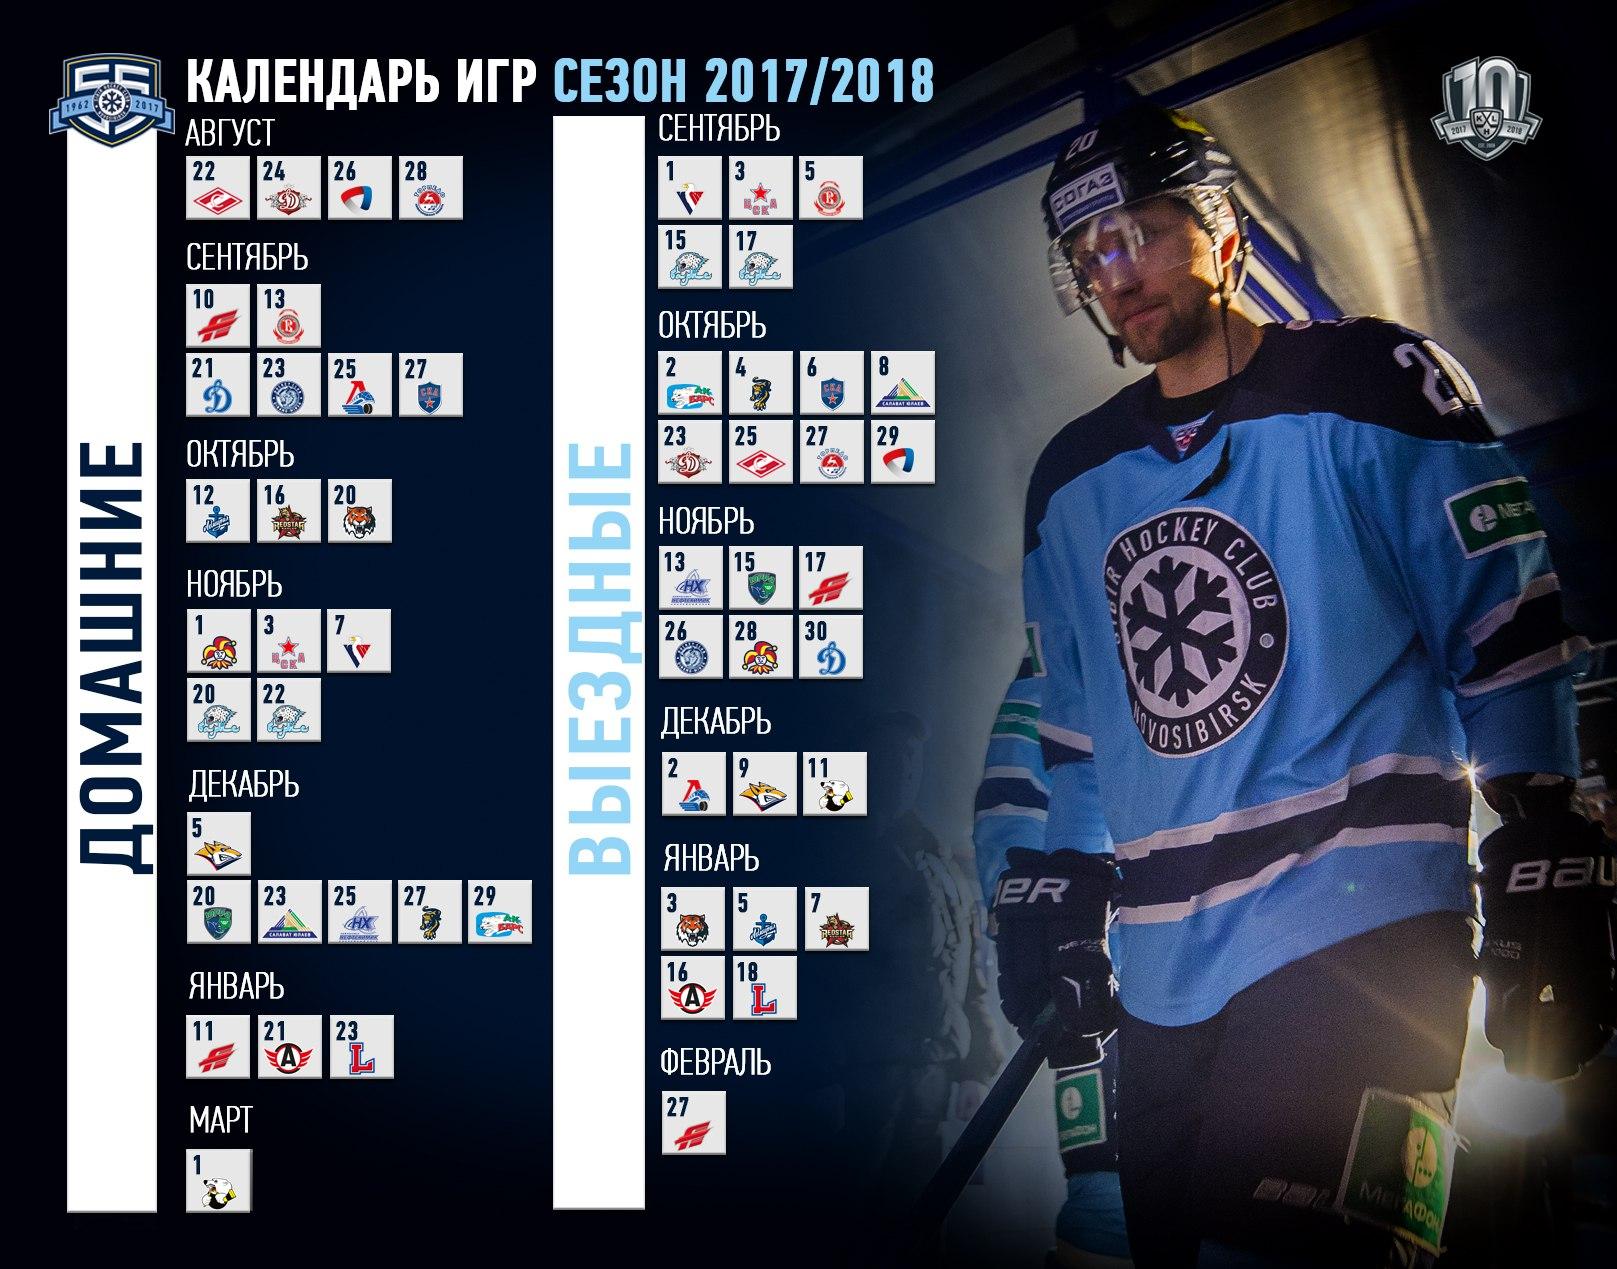 Календарь игр хк ак барс 2019 2020 [PUNIQRANDLINE-(au-dating-names.txt) 30